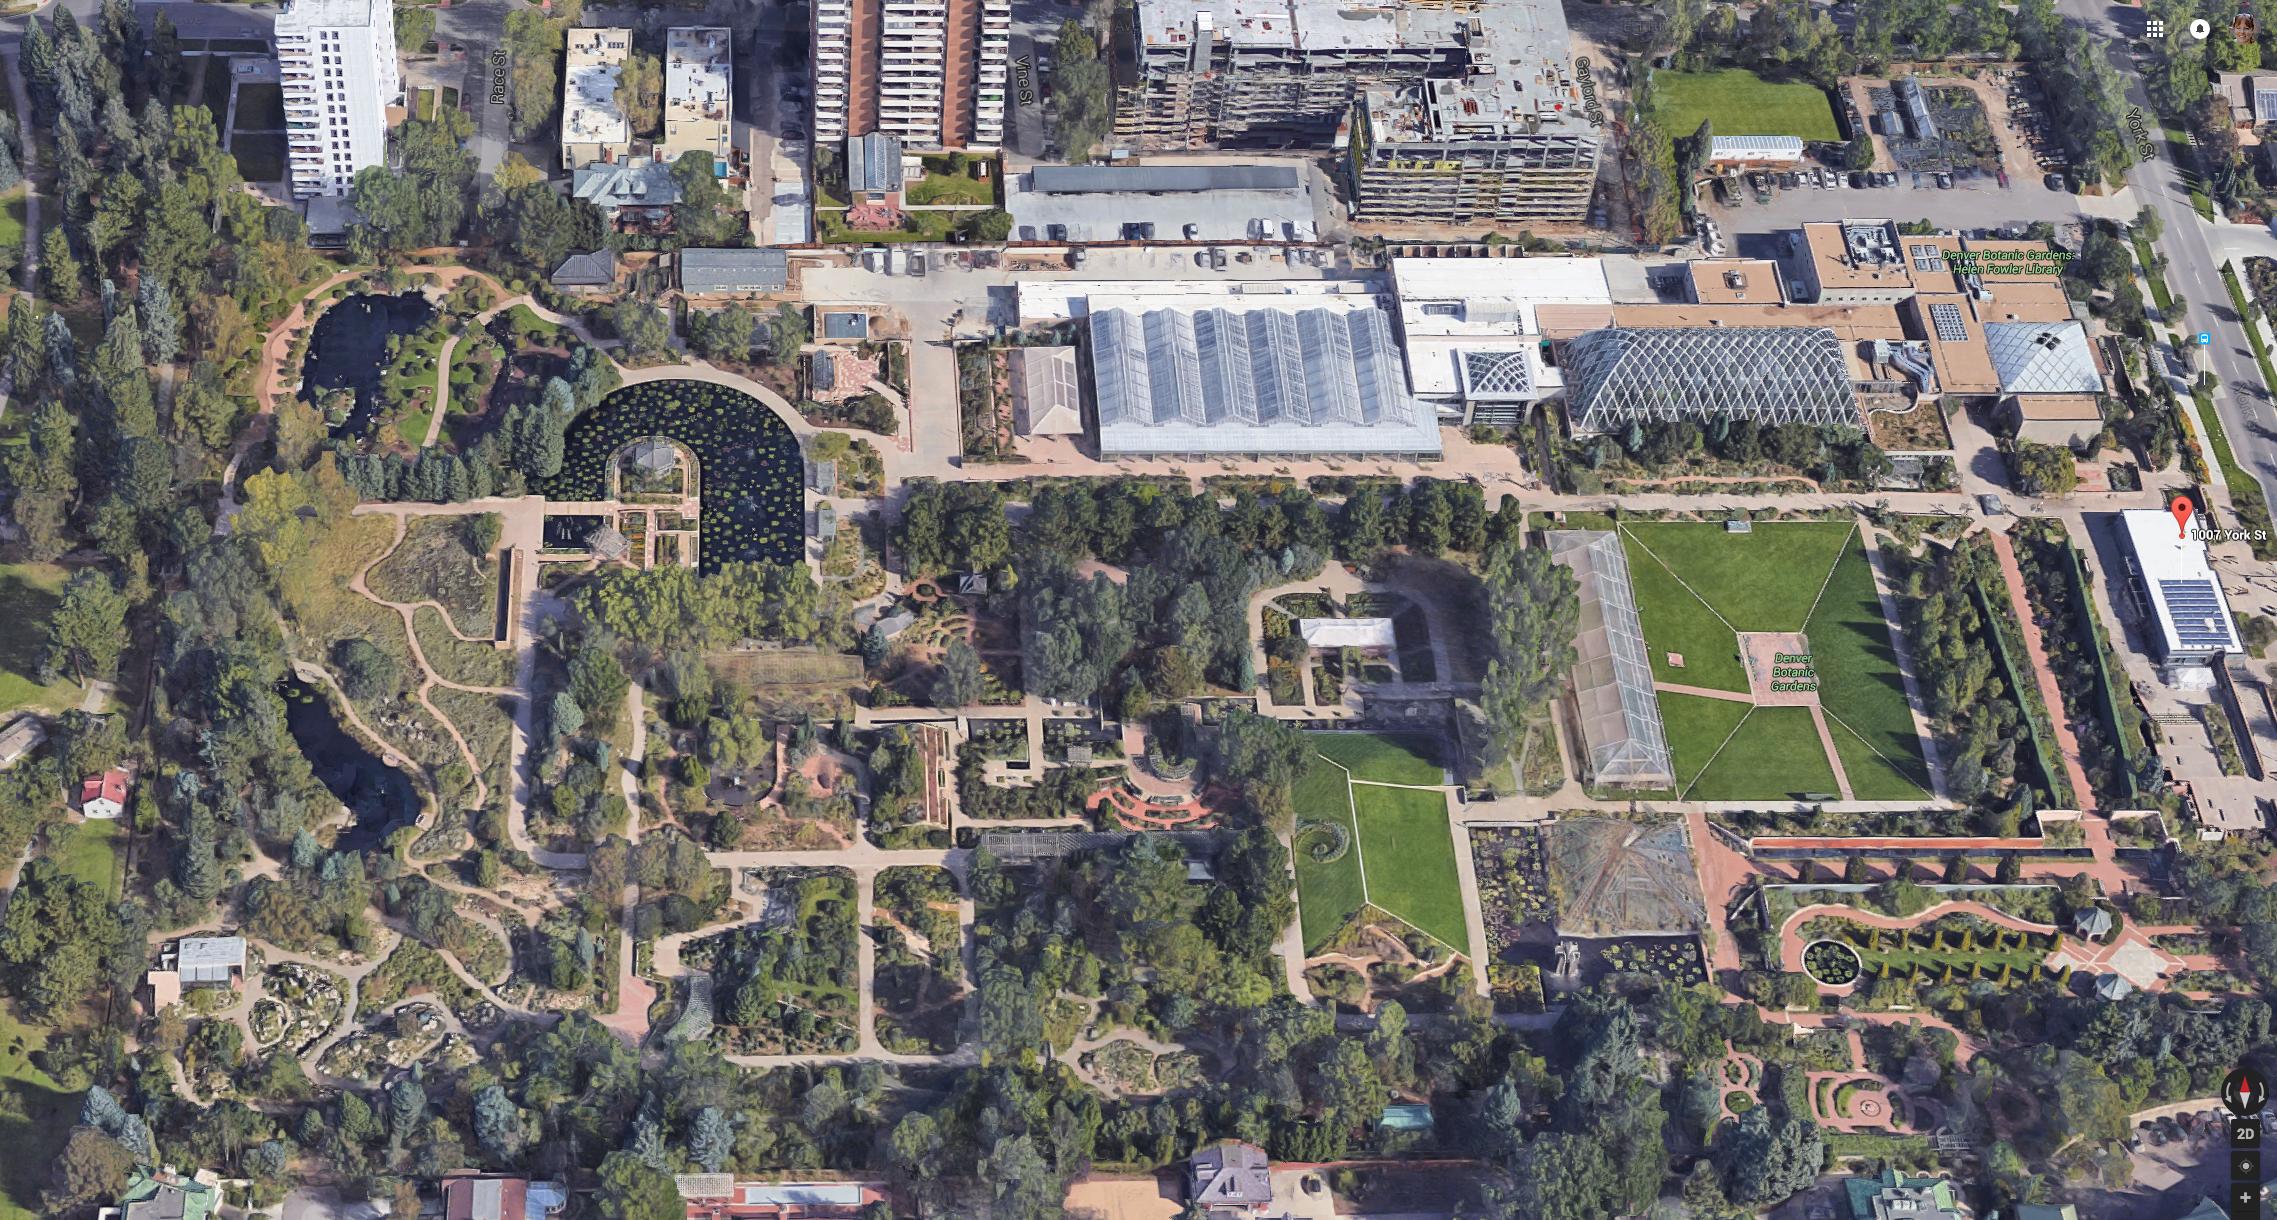 Denver Botanic Gardens Aerial View